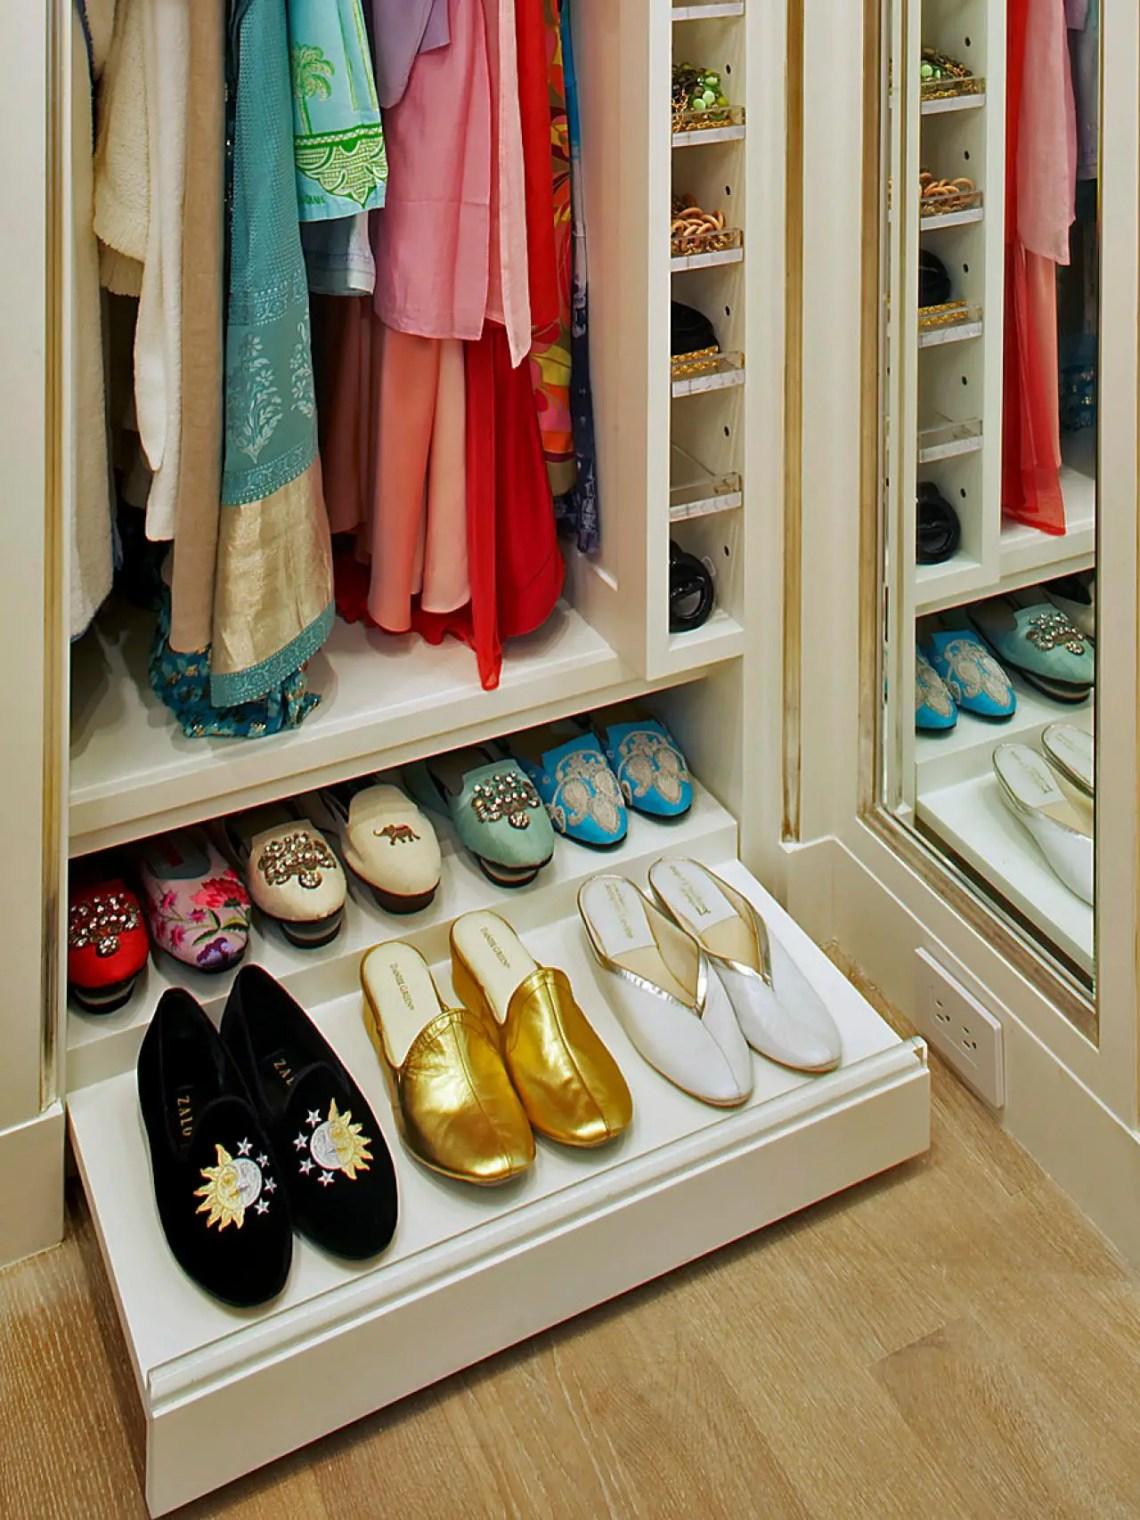 2. under wardrobe